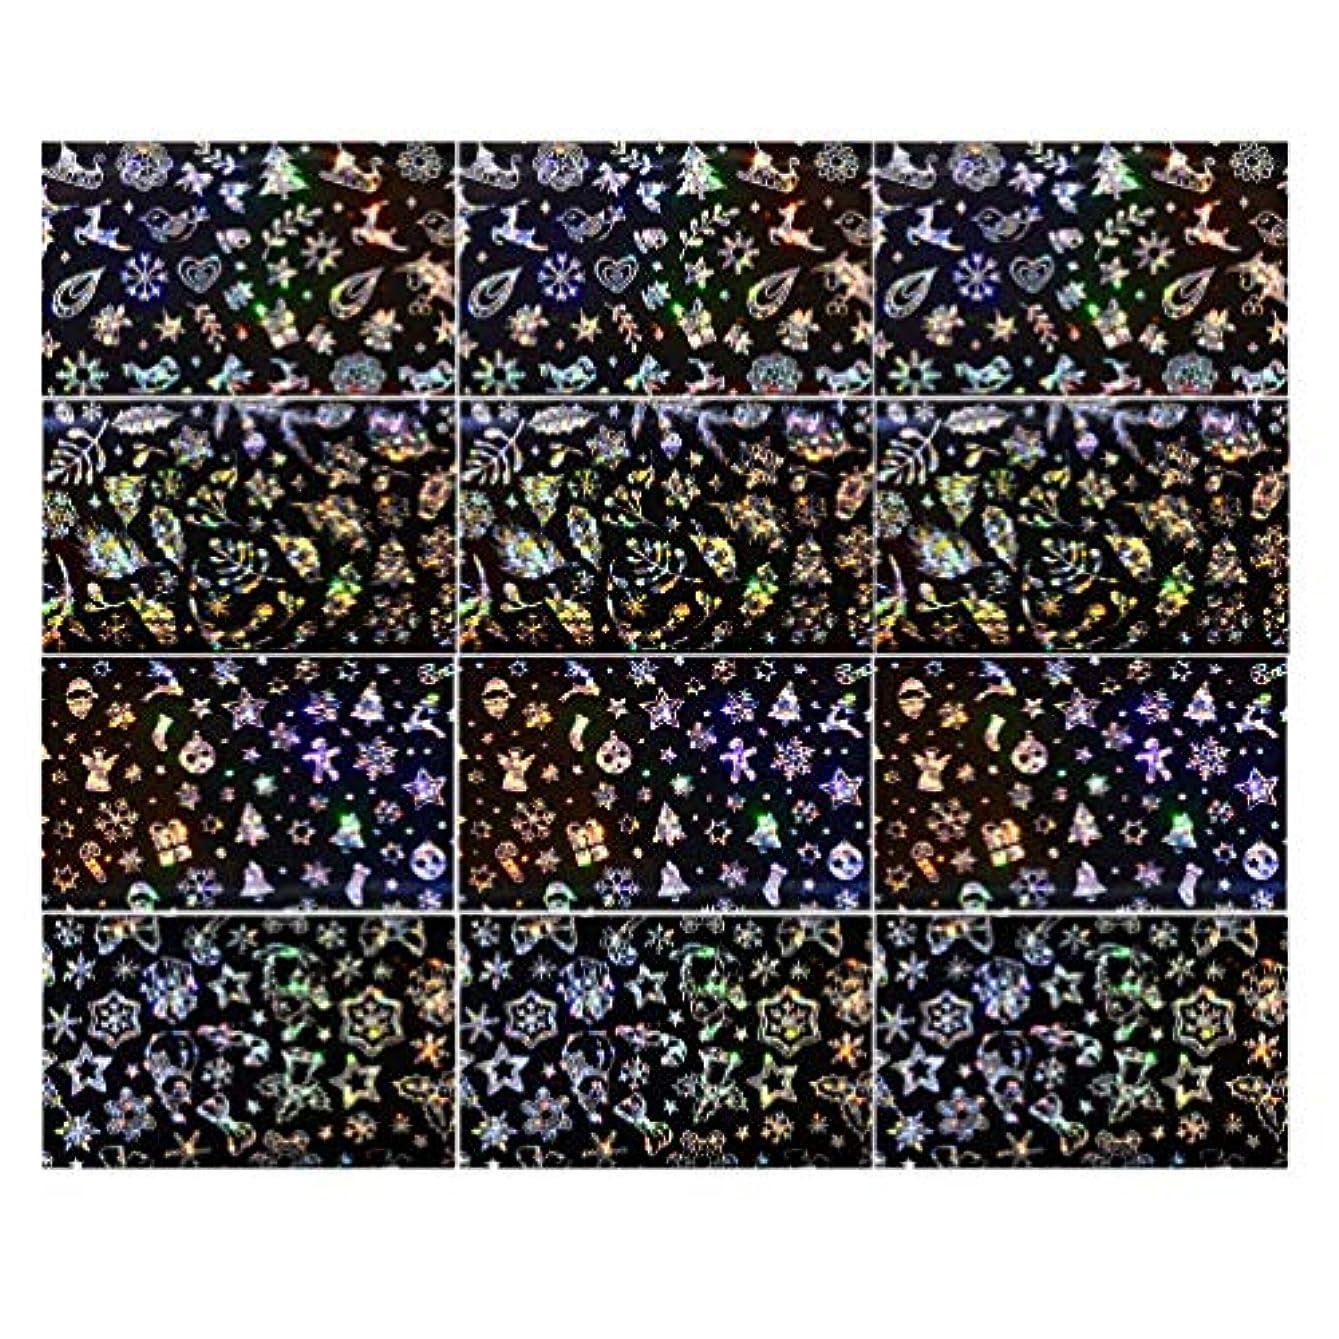 巡礼者送料防水Lurrose 3セットクリスマスネイルステッカースノーフレークネイルタトゥーdiyネイルアート用女性マダムガールレディ